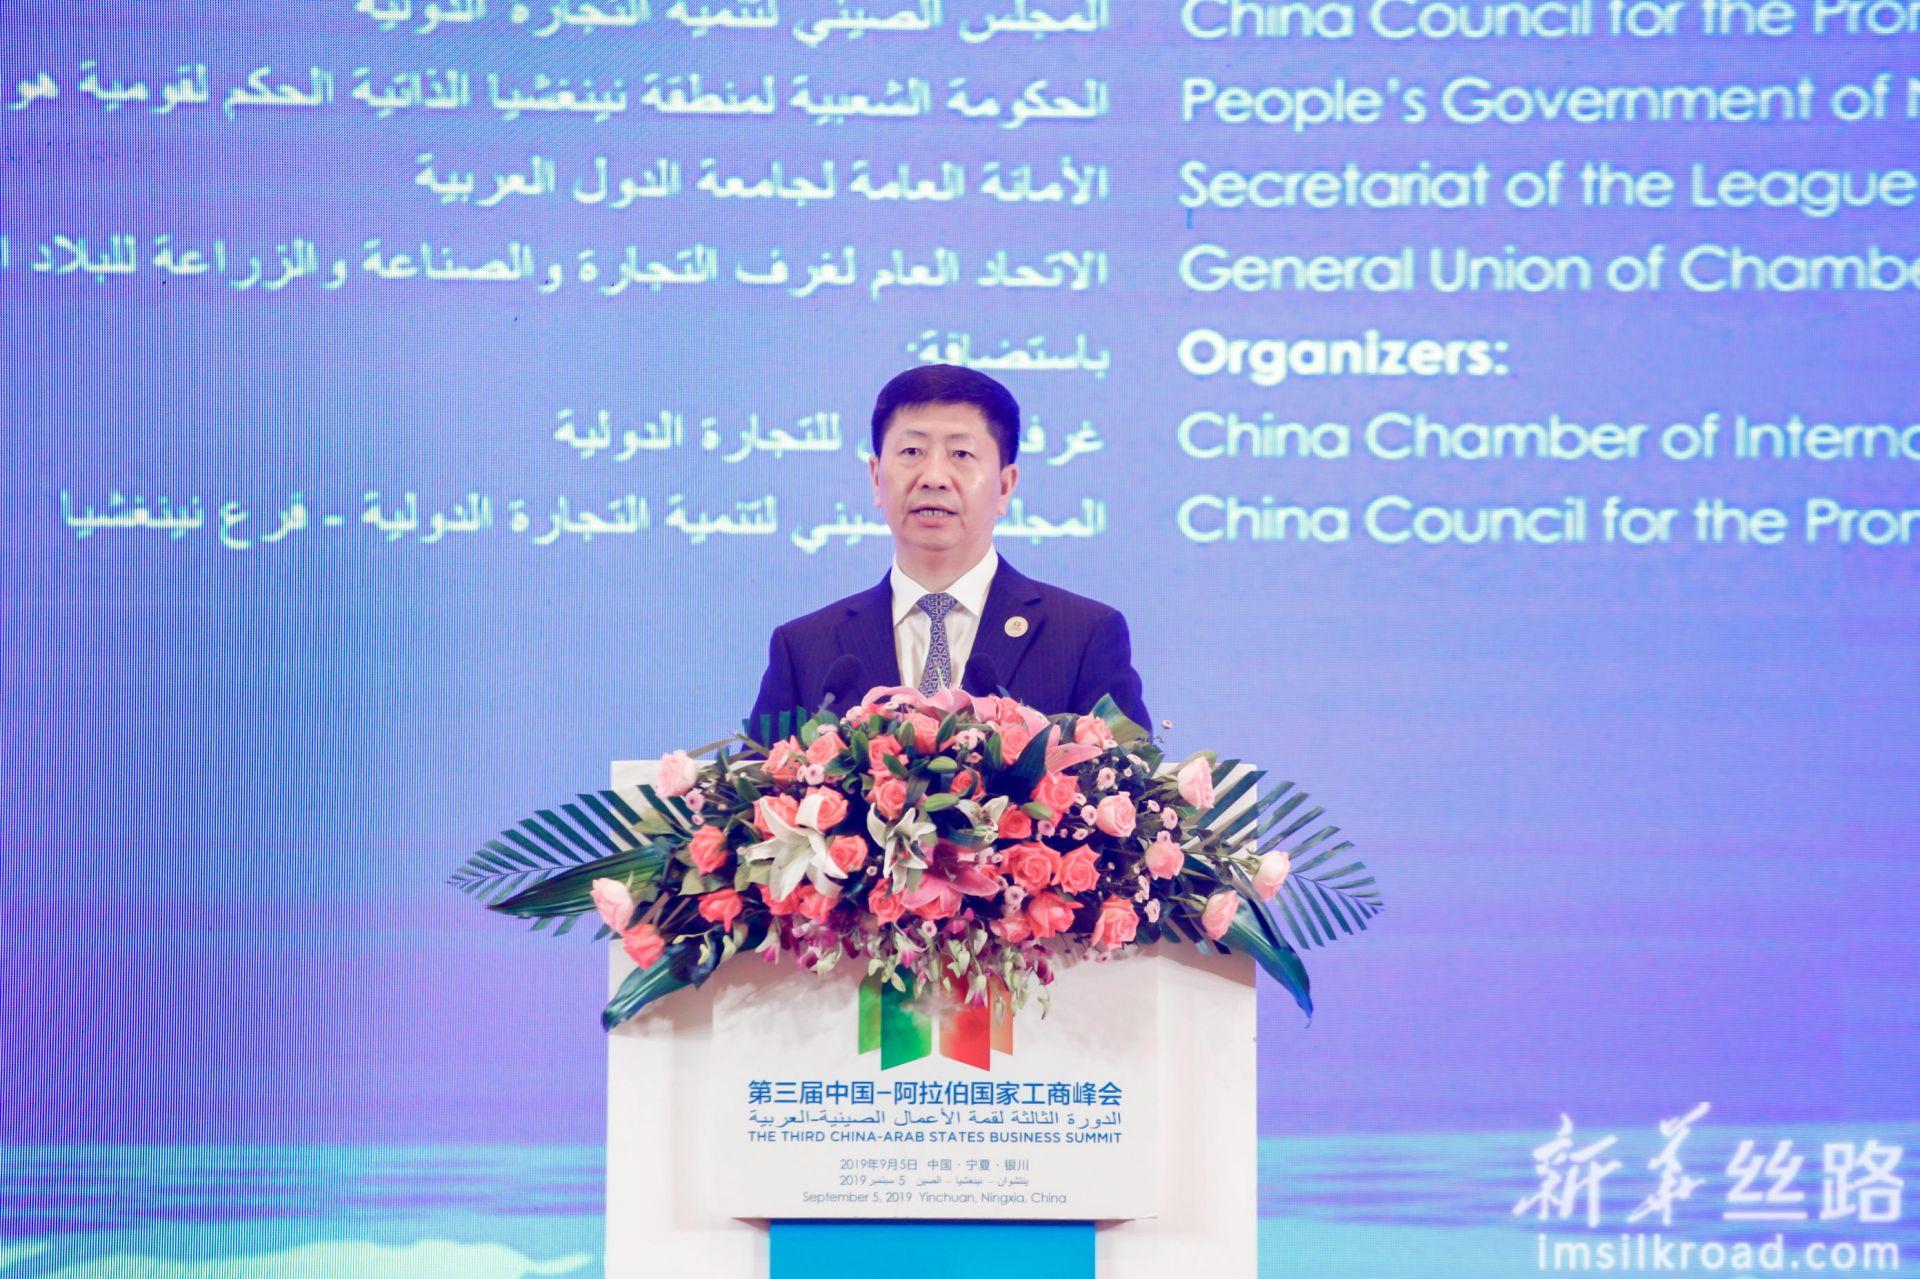 天津泰达控股有限公司党委书记、董事长张秉军先生致辞。